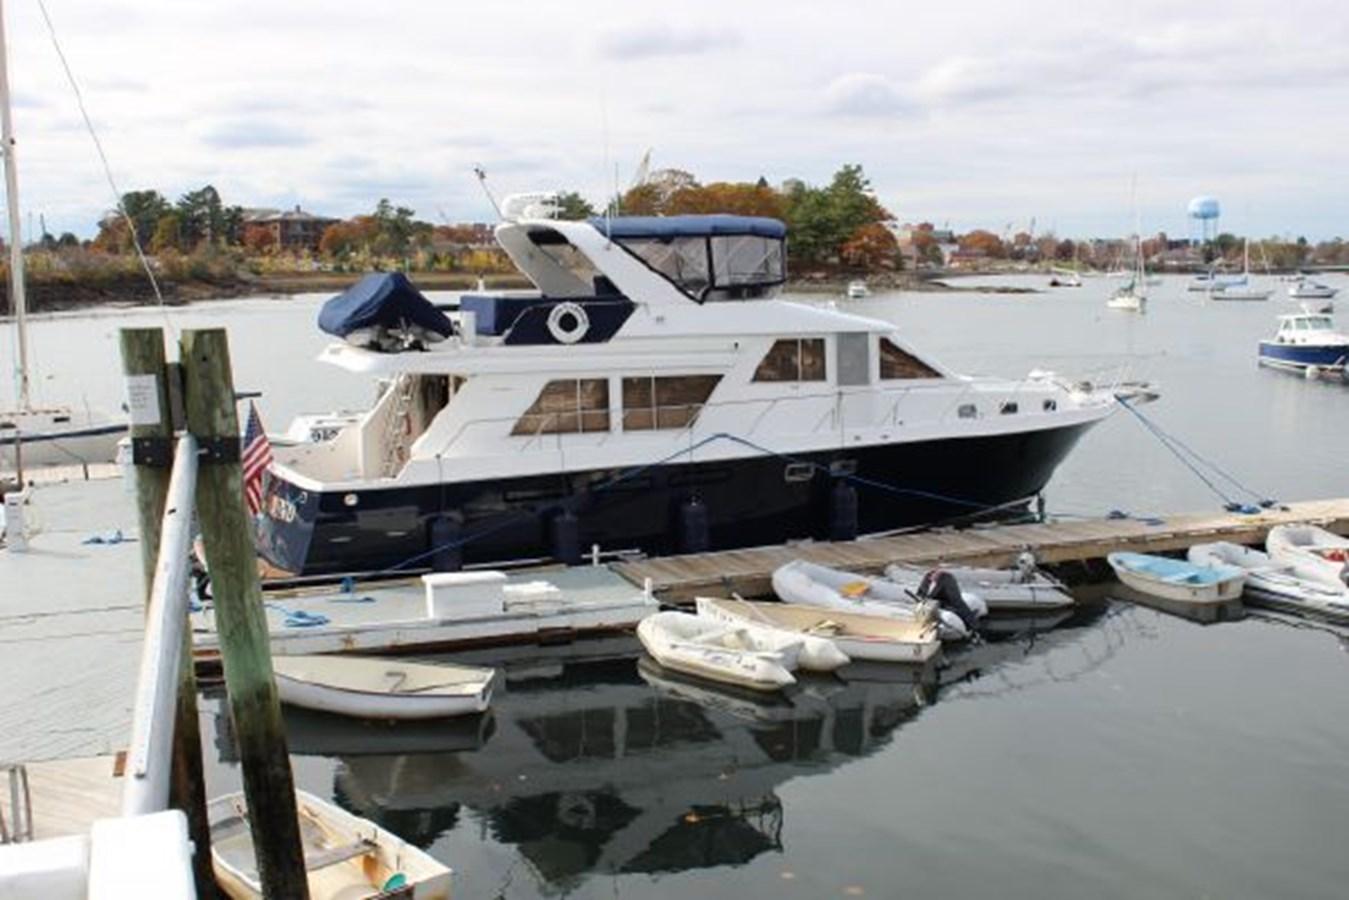 4859061_20141124104022509_1_XLARGE (1) 2000 OCEAN ALEXANDER  Motor Yacht 2838039